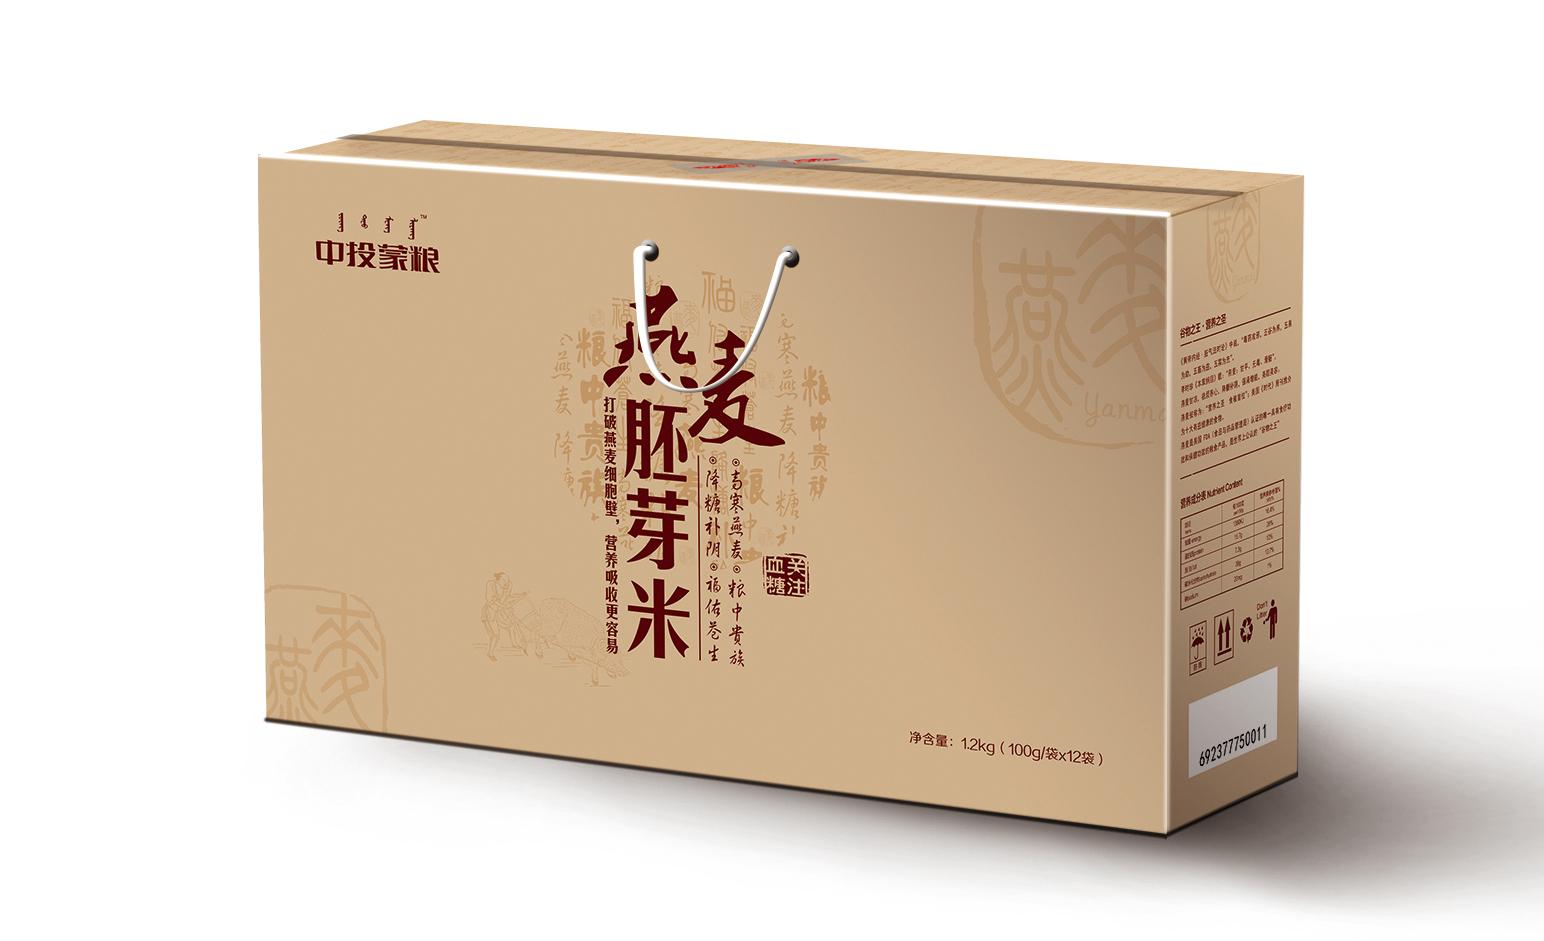 中投蒙粮 · 燕麦胚芽米